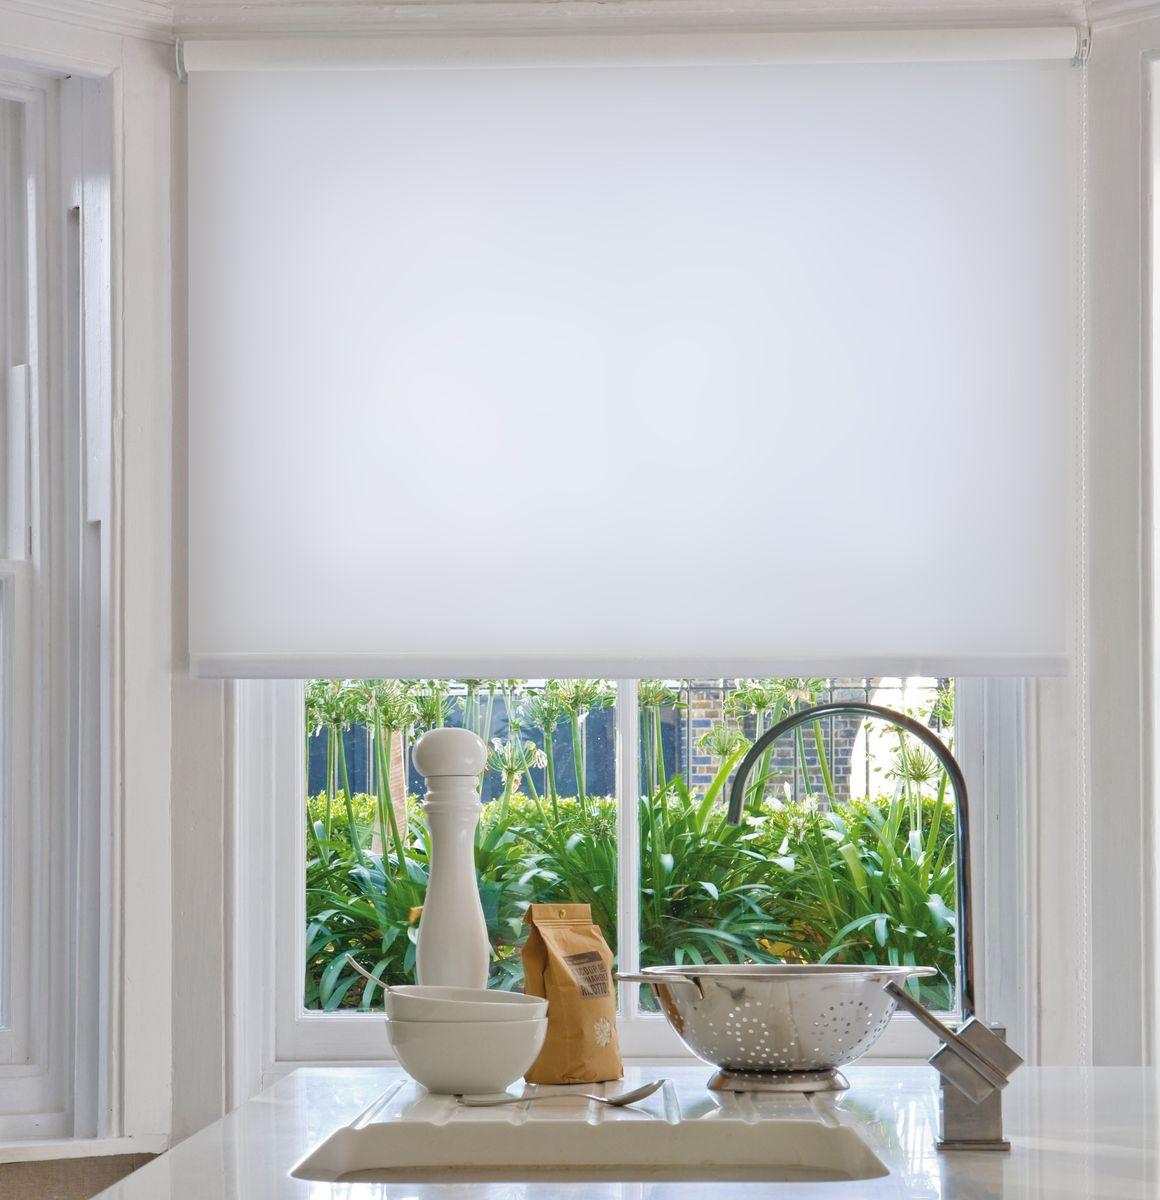 Штора рулонная Эскар Миниролло, цвет: белый, ширина 52 см, высота 170 см31008052170Рулонными шторами можно оформлять окна как самостоятельно, так и использовать в комбинации с портьерами. Это поможет предотвратить выгорание дорогой ткани на солнце и соединит функционал рулонных с красотой навесных. Преимущества применения рулонных штор для пластиковых окон: - имеют прекрасный внешний вид: многообразие и фактурность материала изделия отлично смотрятся в любом интерьере;- многофункциональны: есть возможность подобрать шторы способные эффективно защитить комнату от солнца, при этом она не будет слишком темной. - Есть возможность осуществить быстрый монтаж.ВНИМАНИЕ! Размеры ширины изделия указаны по ширине ткани! Во время эксплуатации не рекомендуется полностью разматывать рулон, чтобы не оторвать ткань от намоточного вала. В случае загрязнения поверхности ткани, чистку шторы проводят одним из способов, в зависимости от типа загрязнения:легкое поверхностное загрязнение можно удалить при помощи канцелярского ластика;чистка от пыли производится сухим методом при помощи пылесоса с мягкой щеткой-насадкой;для удаления пятна используйте мягкую губку с пенообразующим неагрессивным моющим средством или пятновыводитель на натуральной основе (нельзя применять растворители).